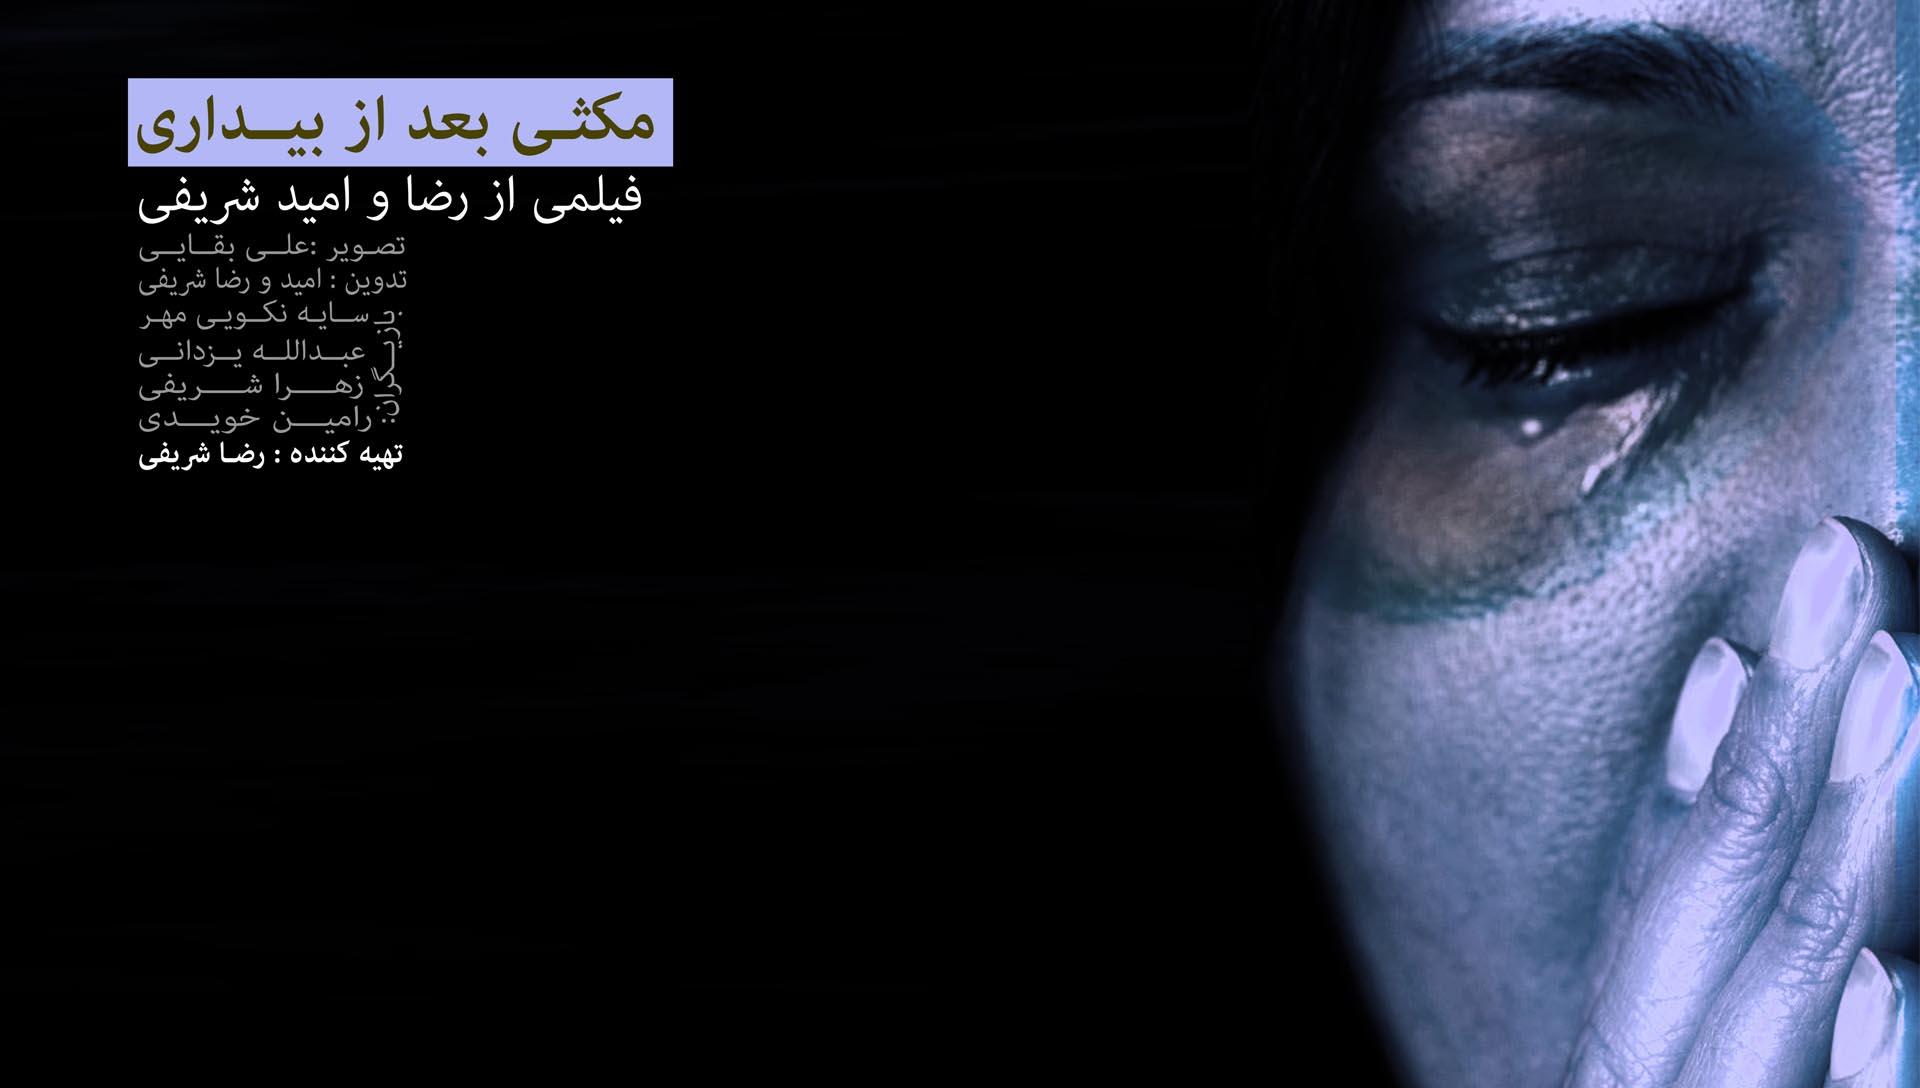 شرکت فیلم سازی زوم شیراز